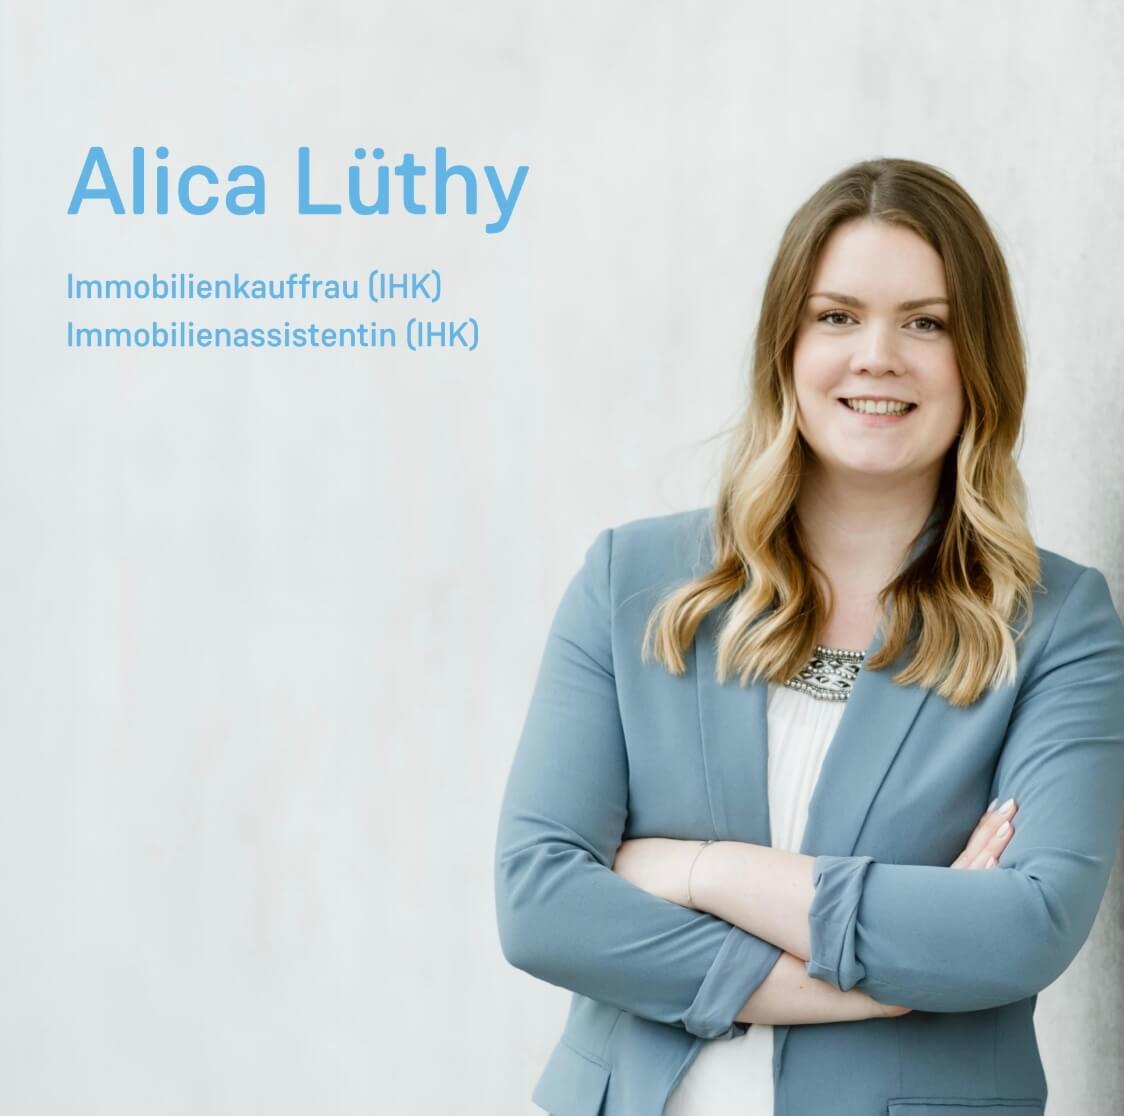 Alica Luethy